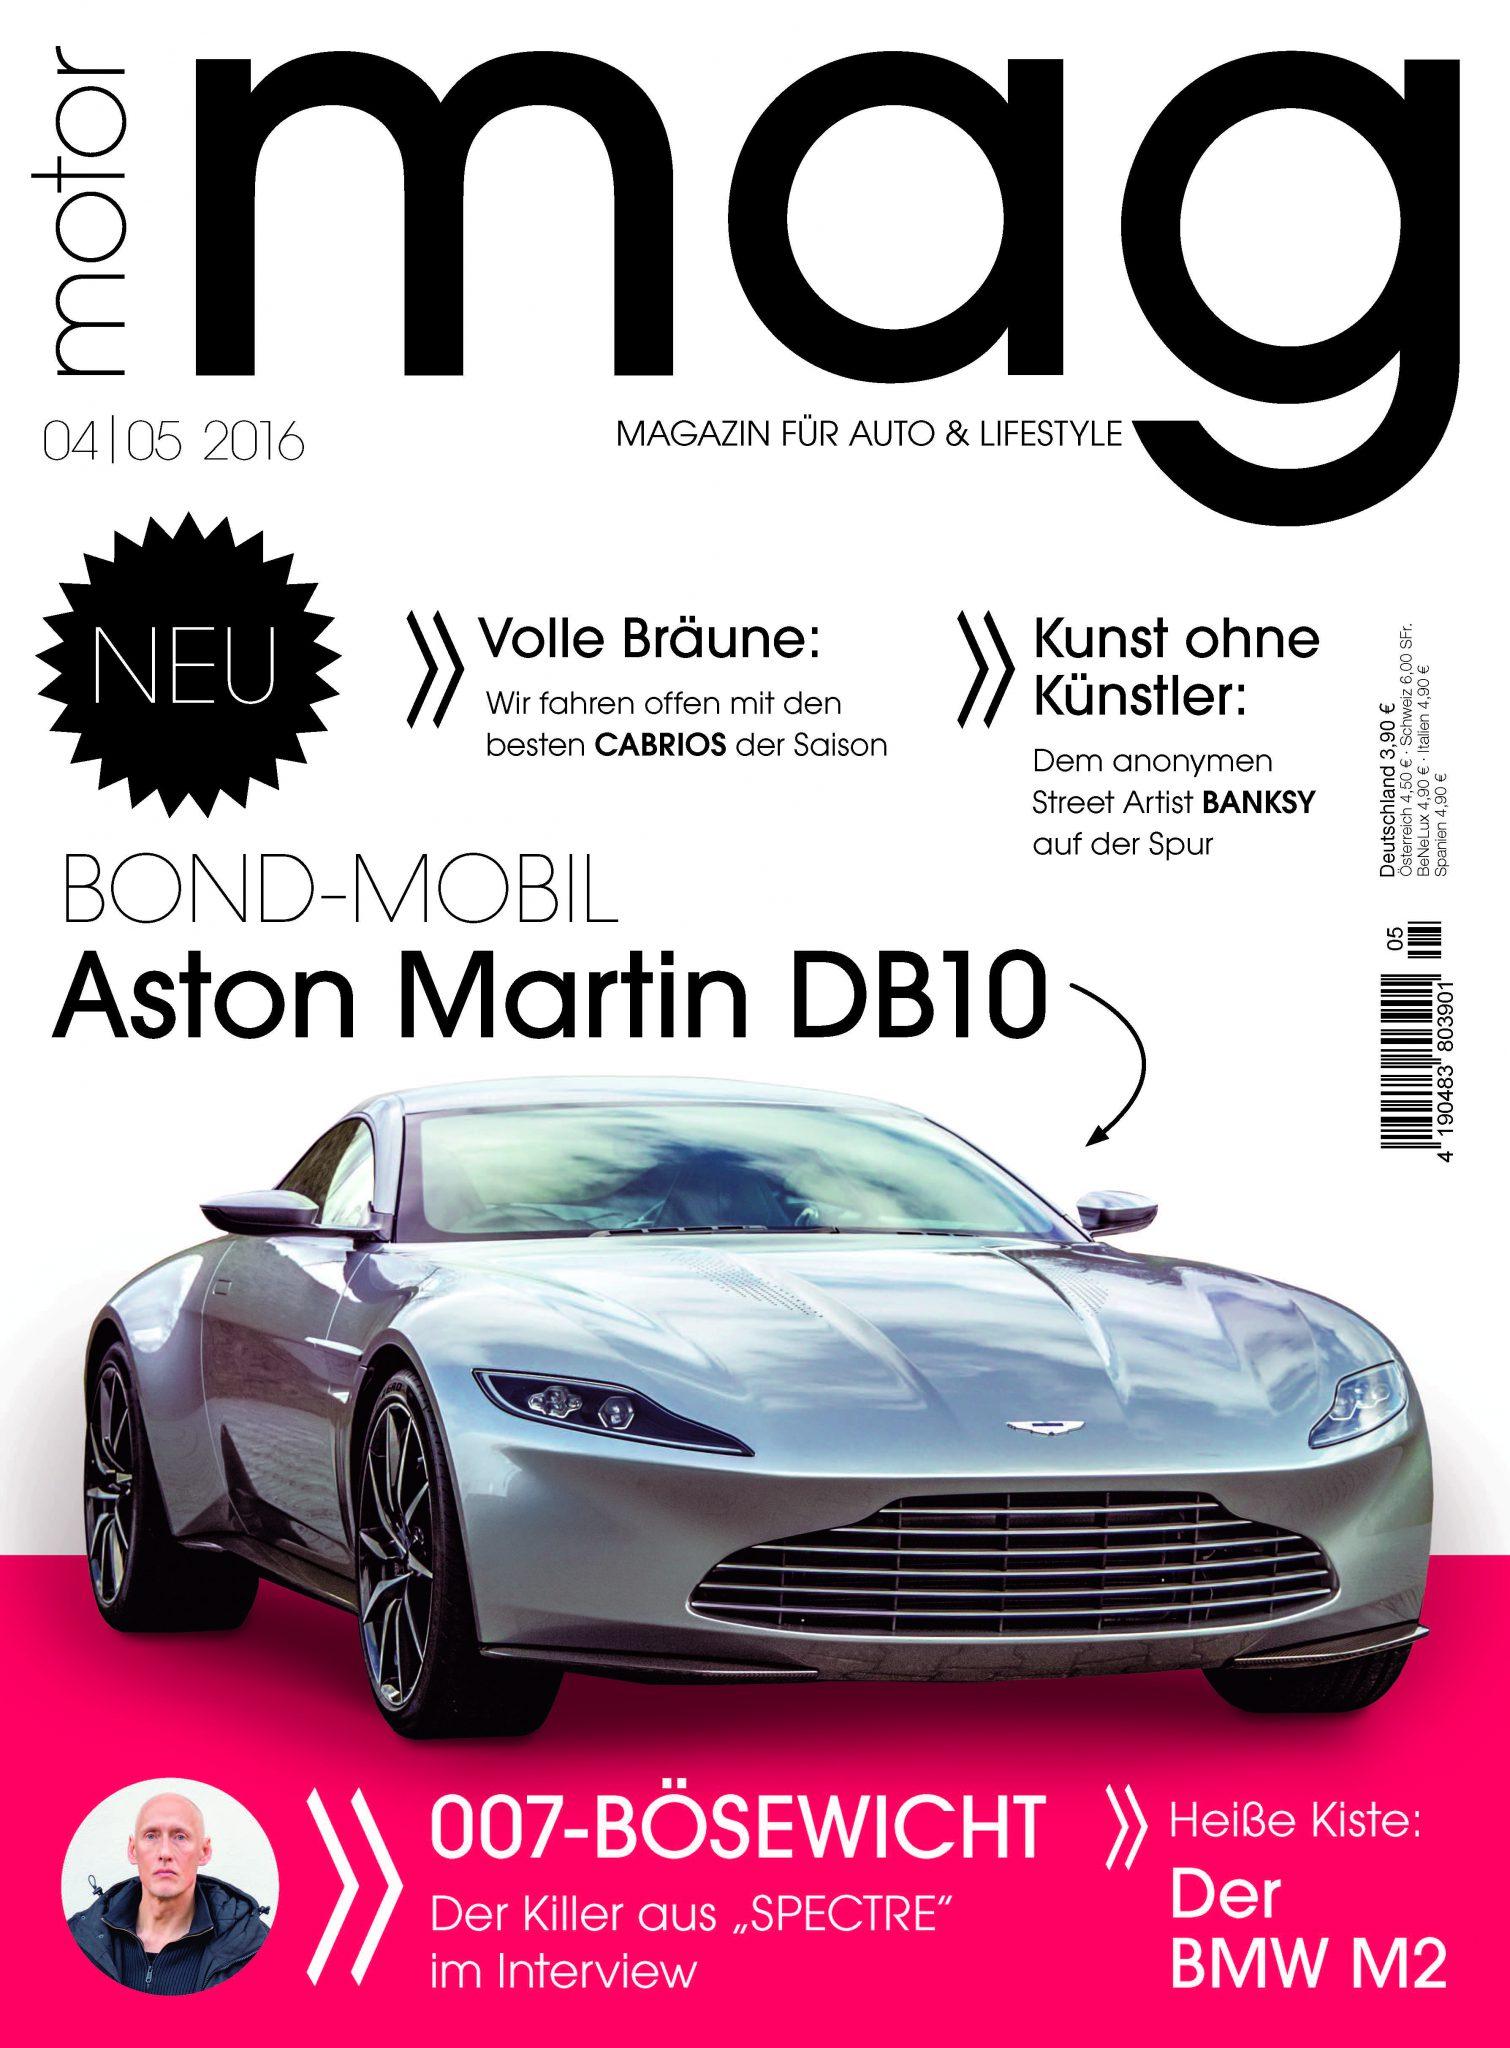 Das Auto des Agenten Ihrer Majestät: Der Aston Martin DB10 von James Bond 007